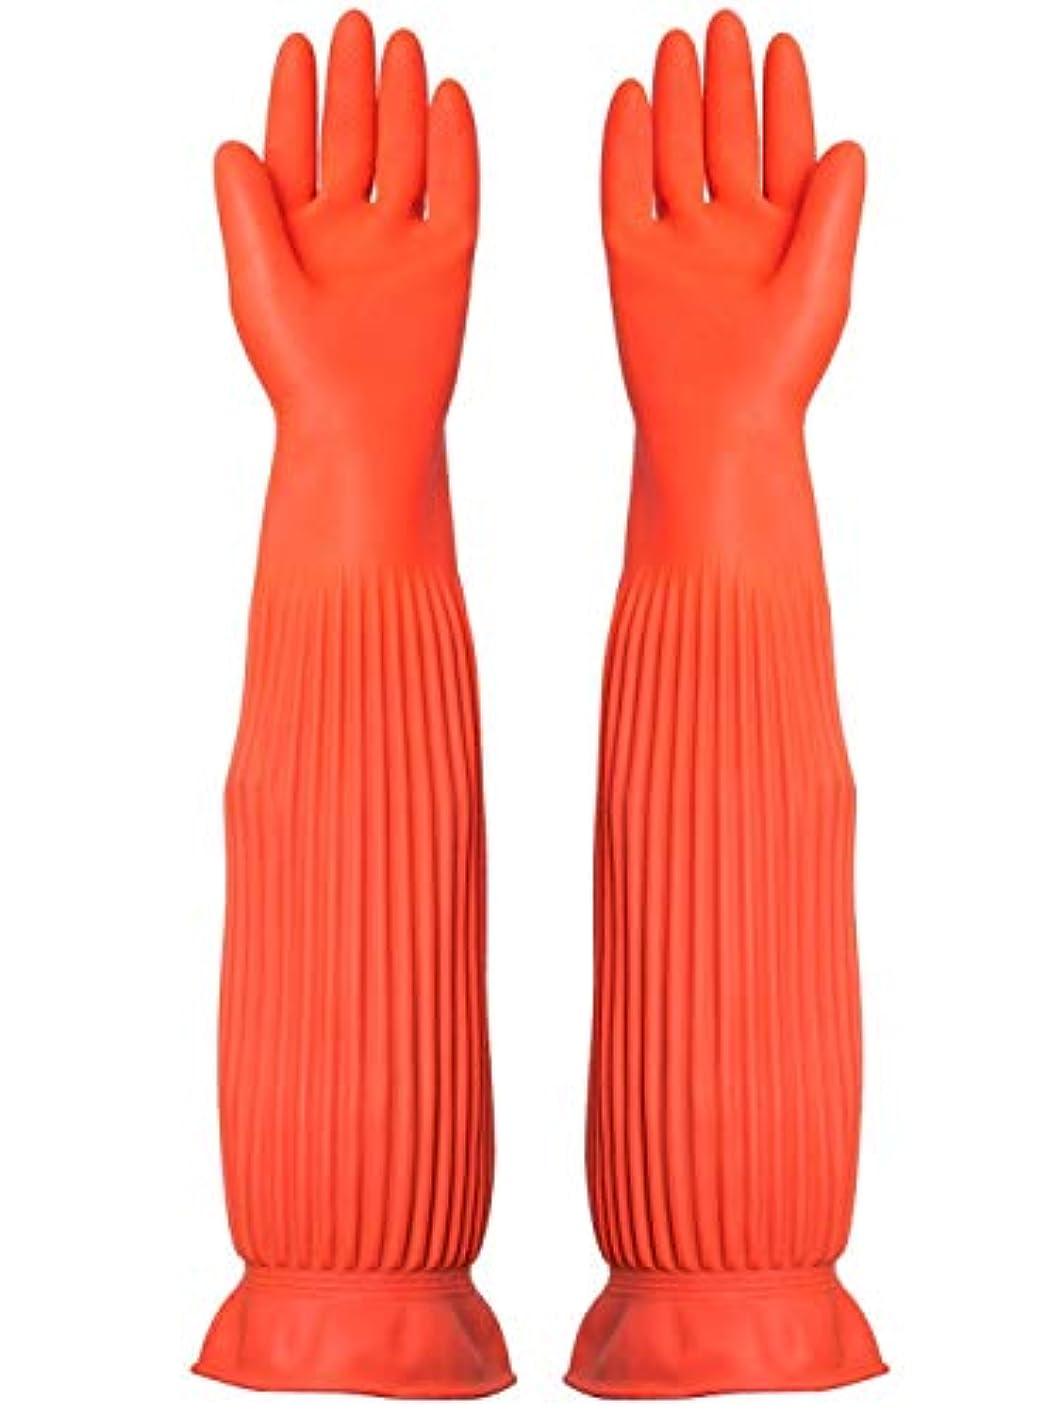 キャンセルドルシャッフルBTXXYJP キッチン用手袋 手袋 耐摩耗 食器洗い 作業 炊事 食器洗い 掃除 園芸 洗車 防水 防油 手袋 (Color : ORANGE, Size : M)